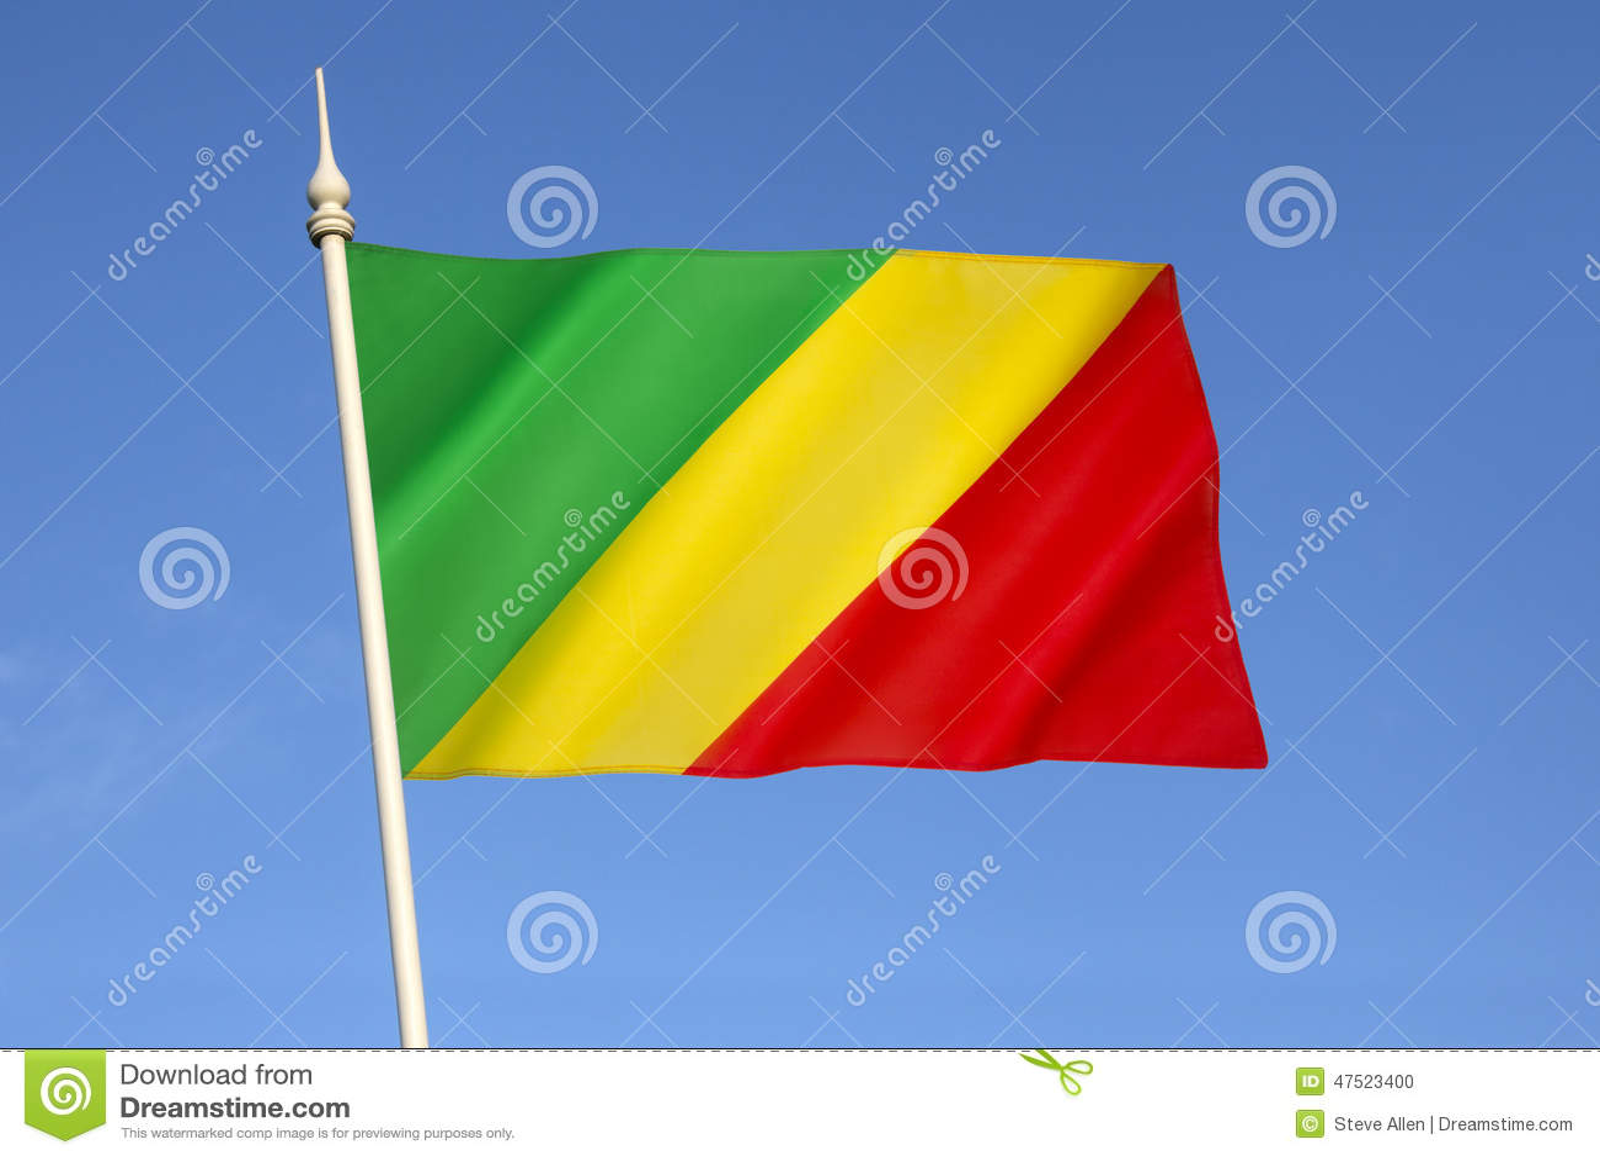 Bandera Del República Del Congo Foto De Archivo Imagen De Naturalice Recorrido 47523400